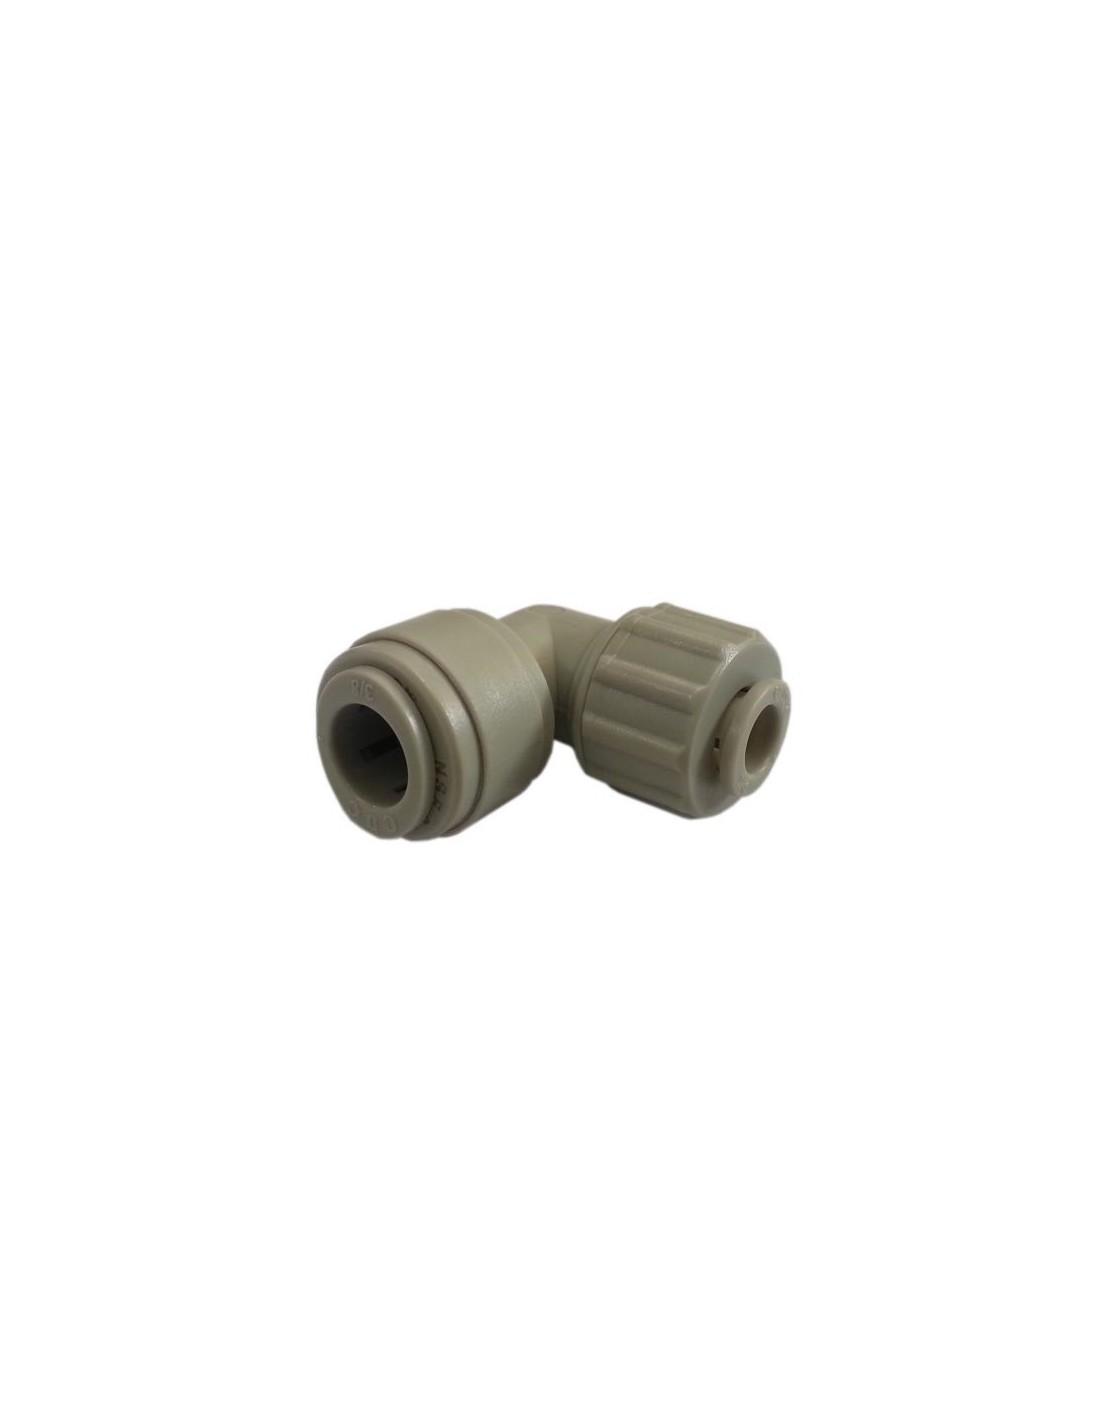 HULP-I - Vinkelkopplingar - FluidFit HULP vinkelkoppling för metallrör (tum)